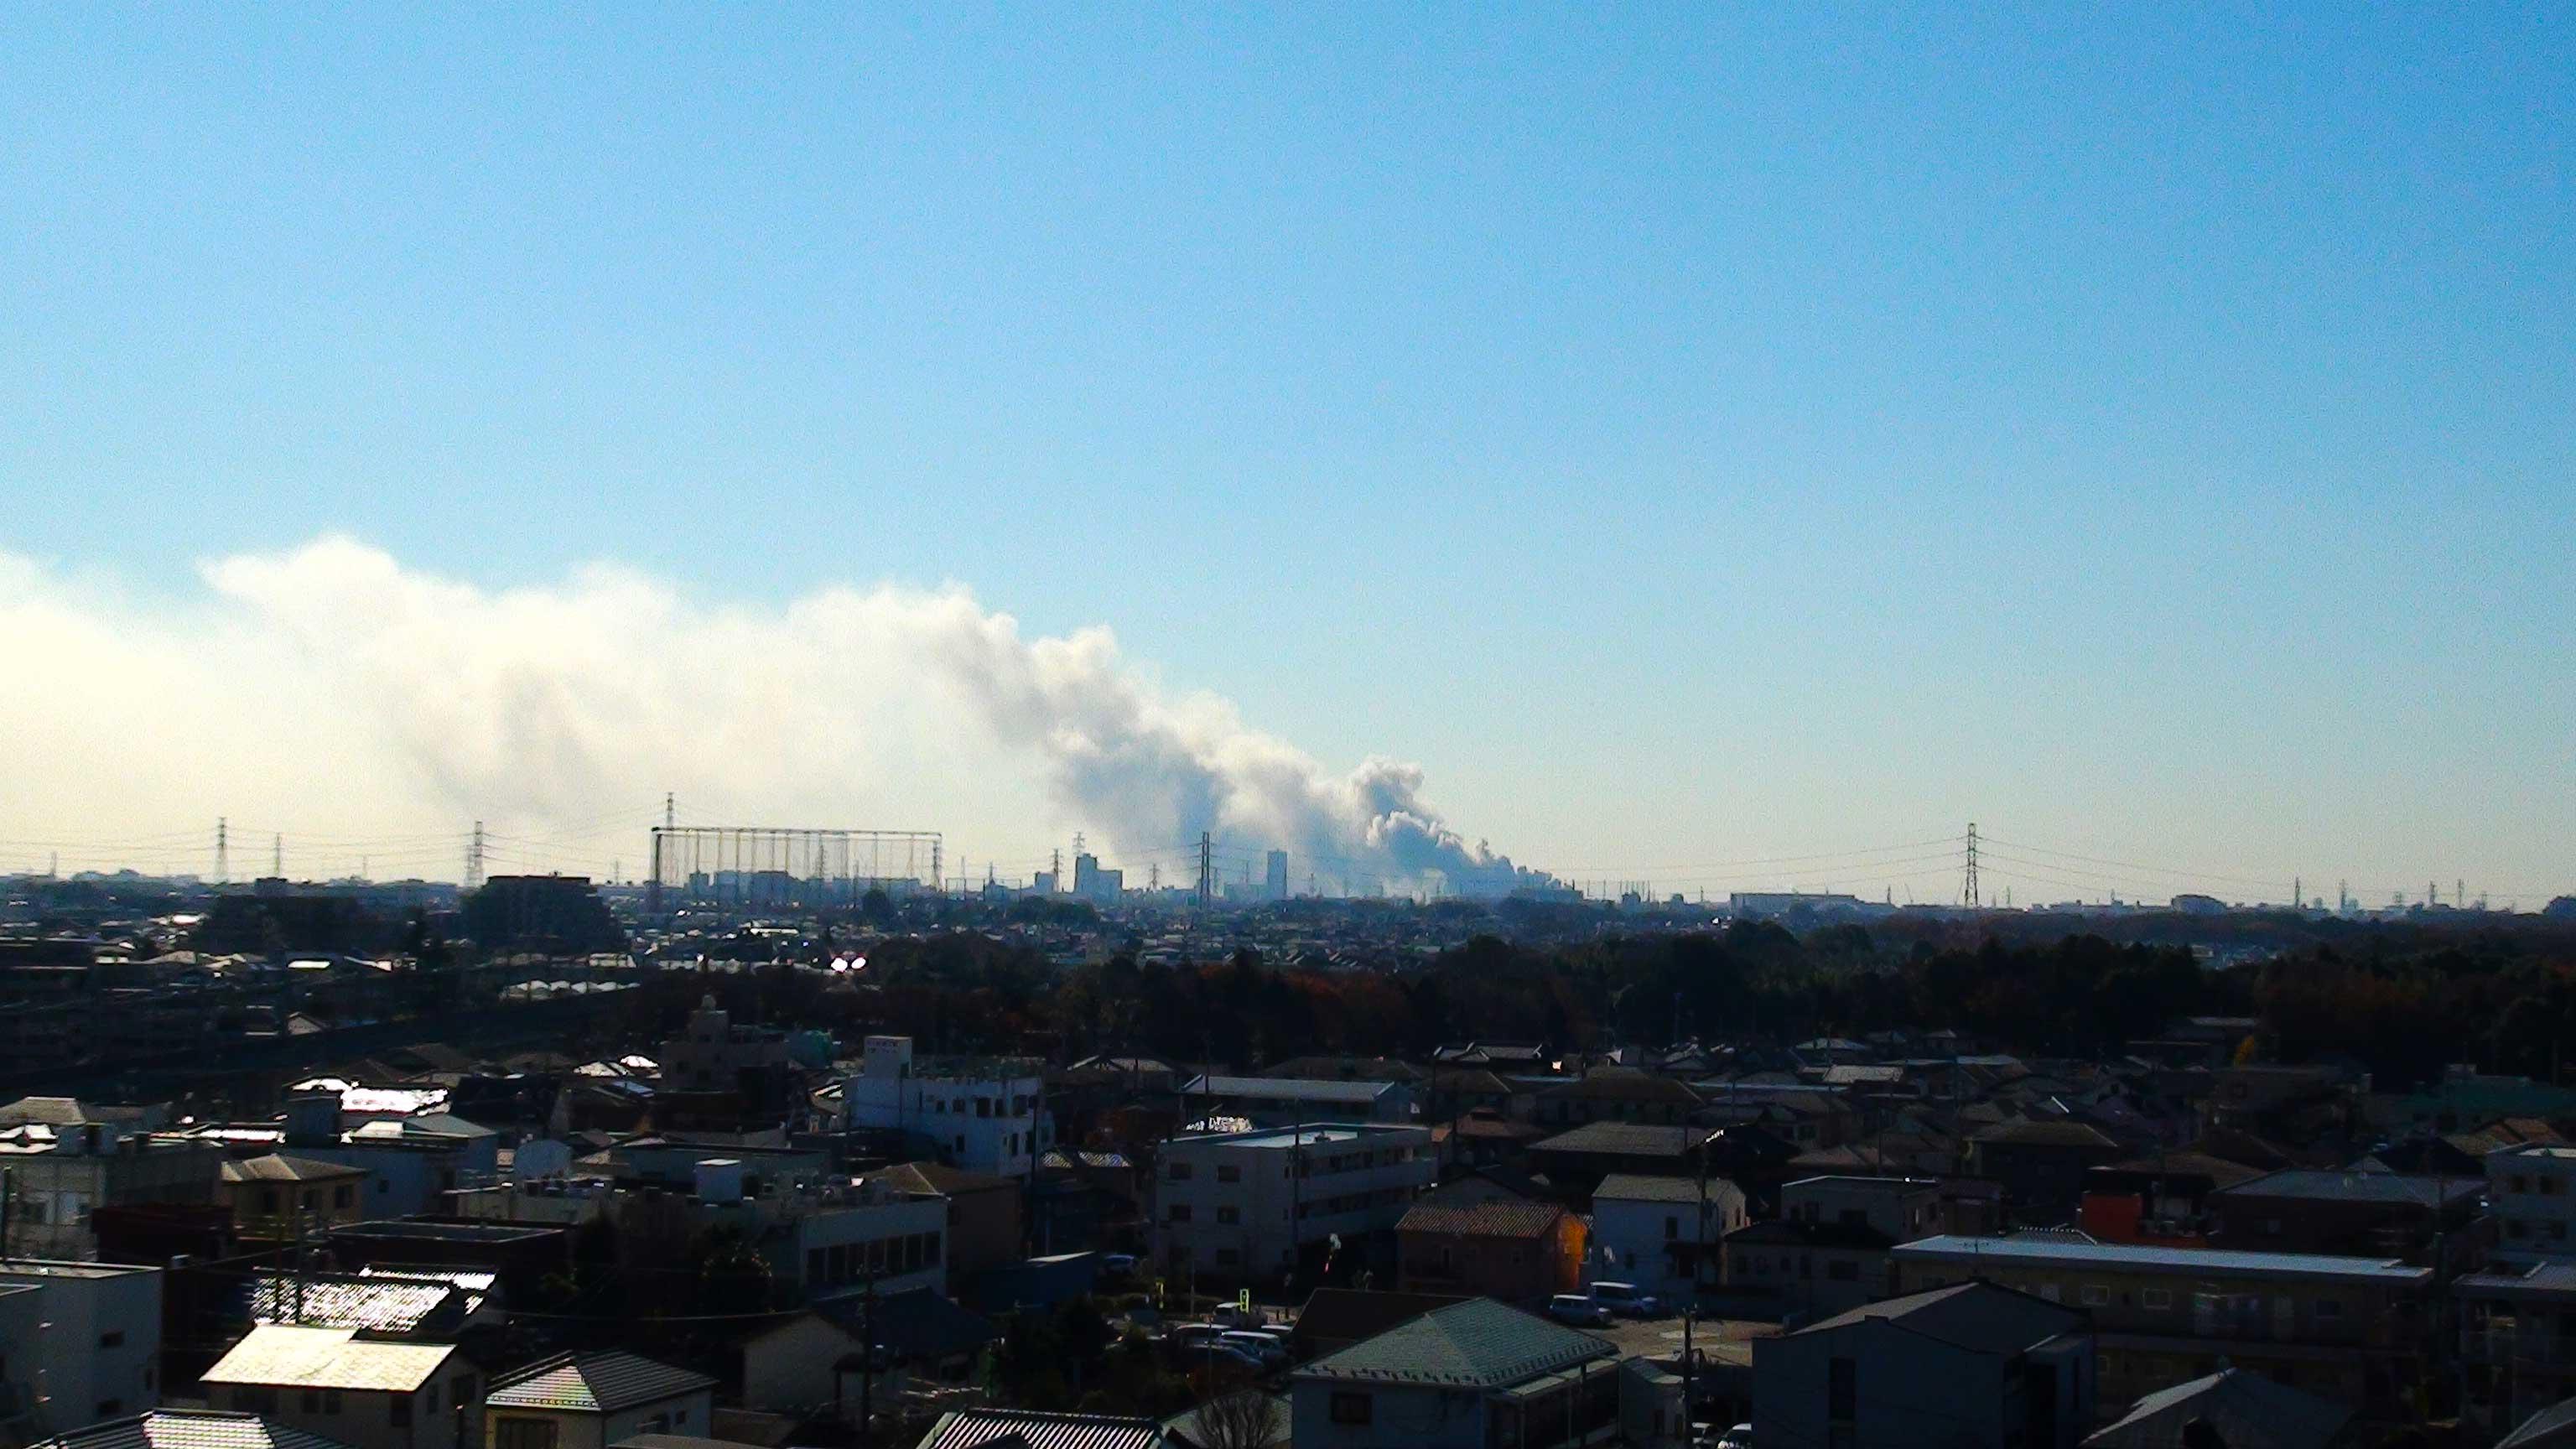 船橋市スクラップ置き場火災 広範囲で煙りの目撃情報